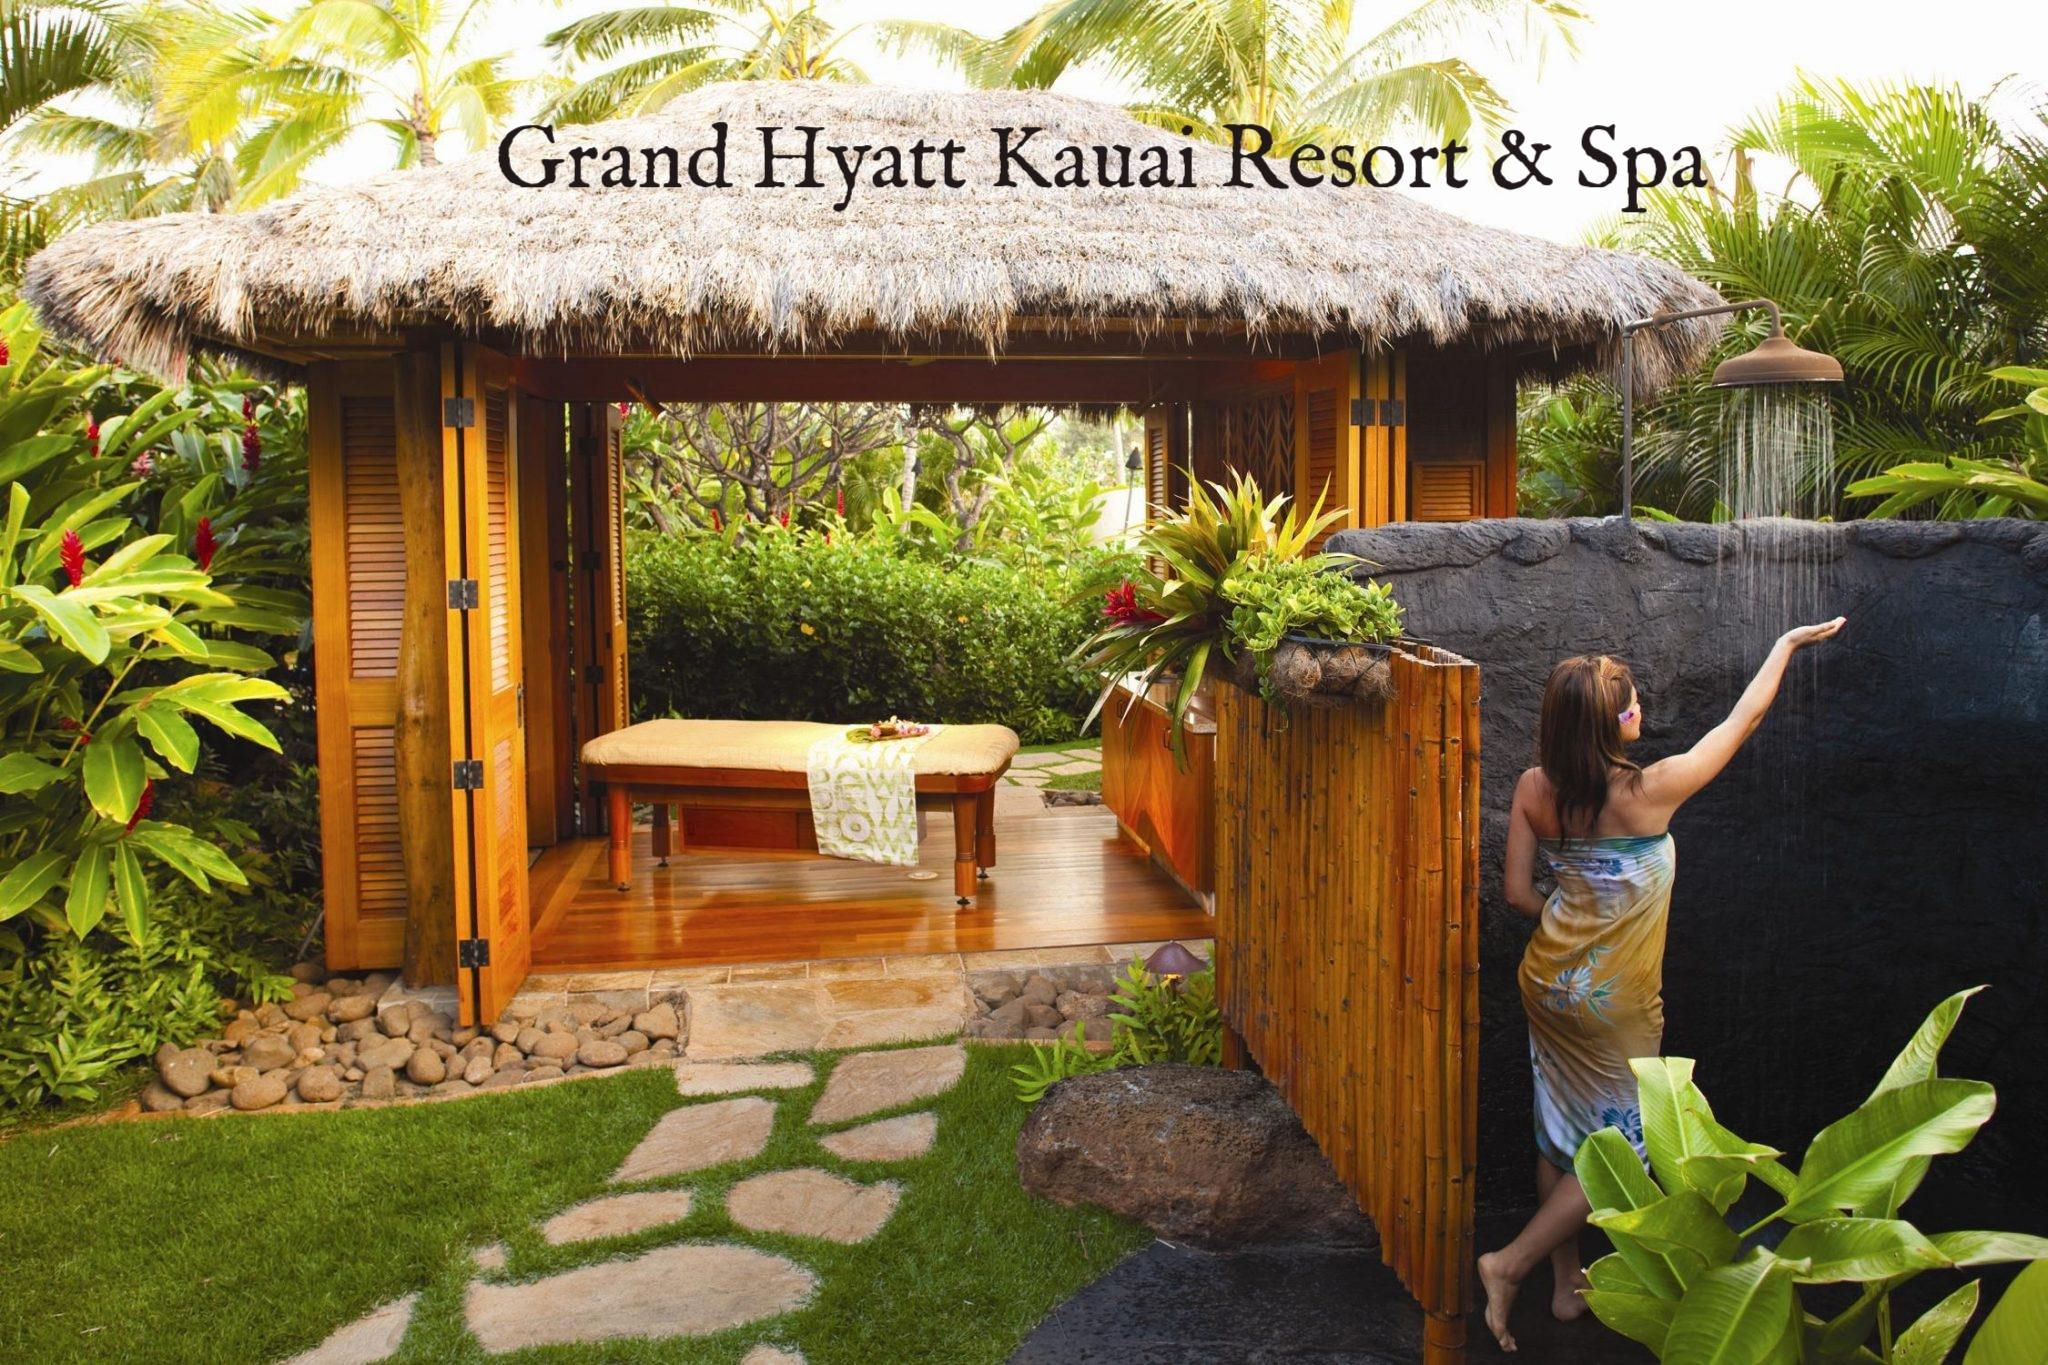 Grand-Hyatt-Kauai-Resort-and-Spa-Outdoor-Spa-Shower.jpg